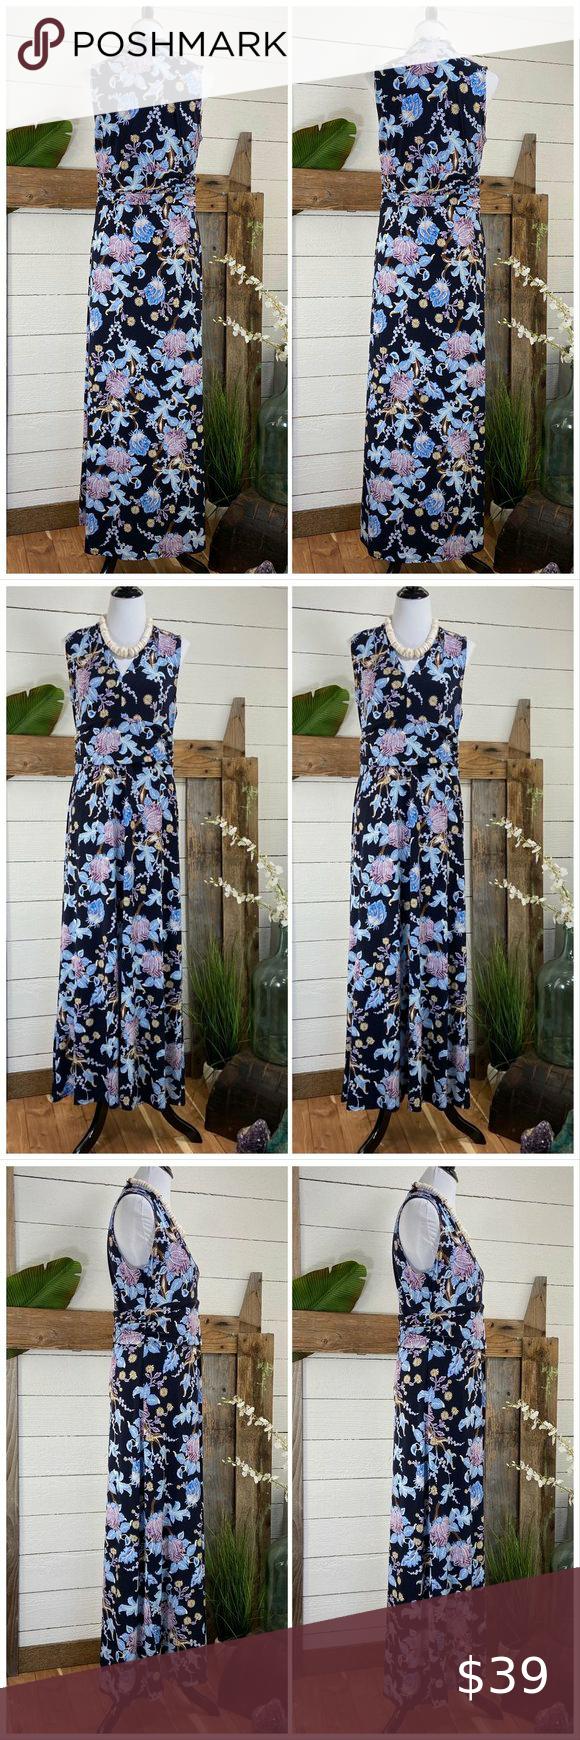 Maxi Dress By Vince Camuto Maxi Dress Floral Print Maxi Dress Dresses [ 1740 x 580 Pixel ]